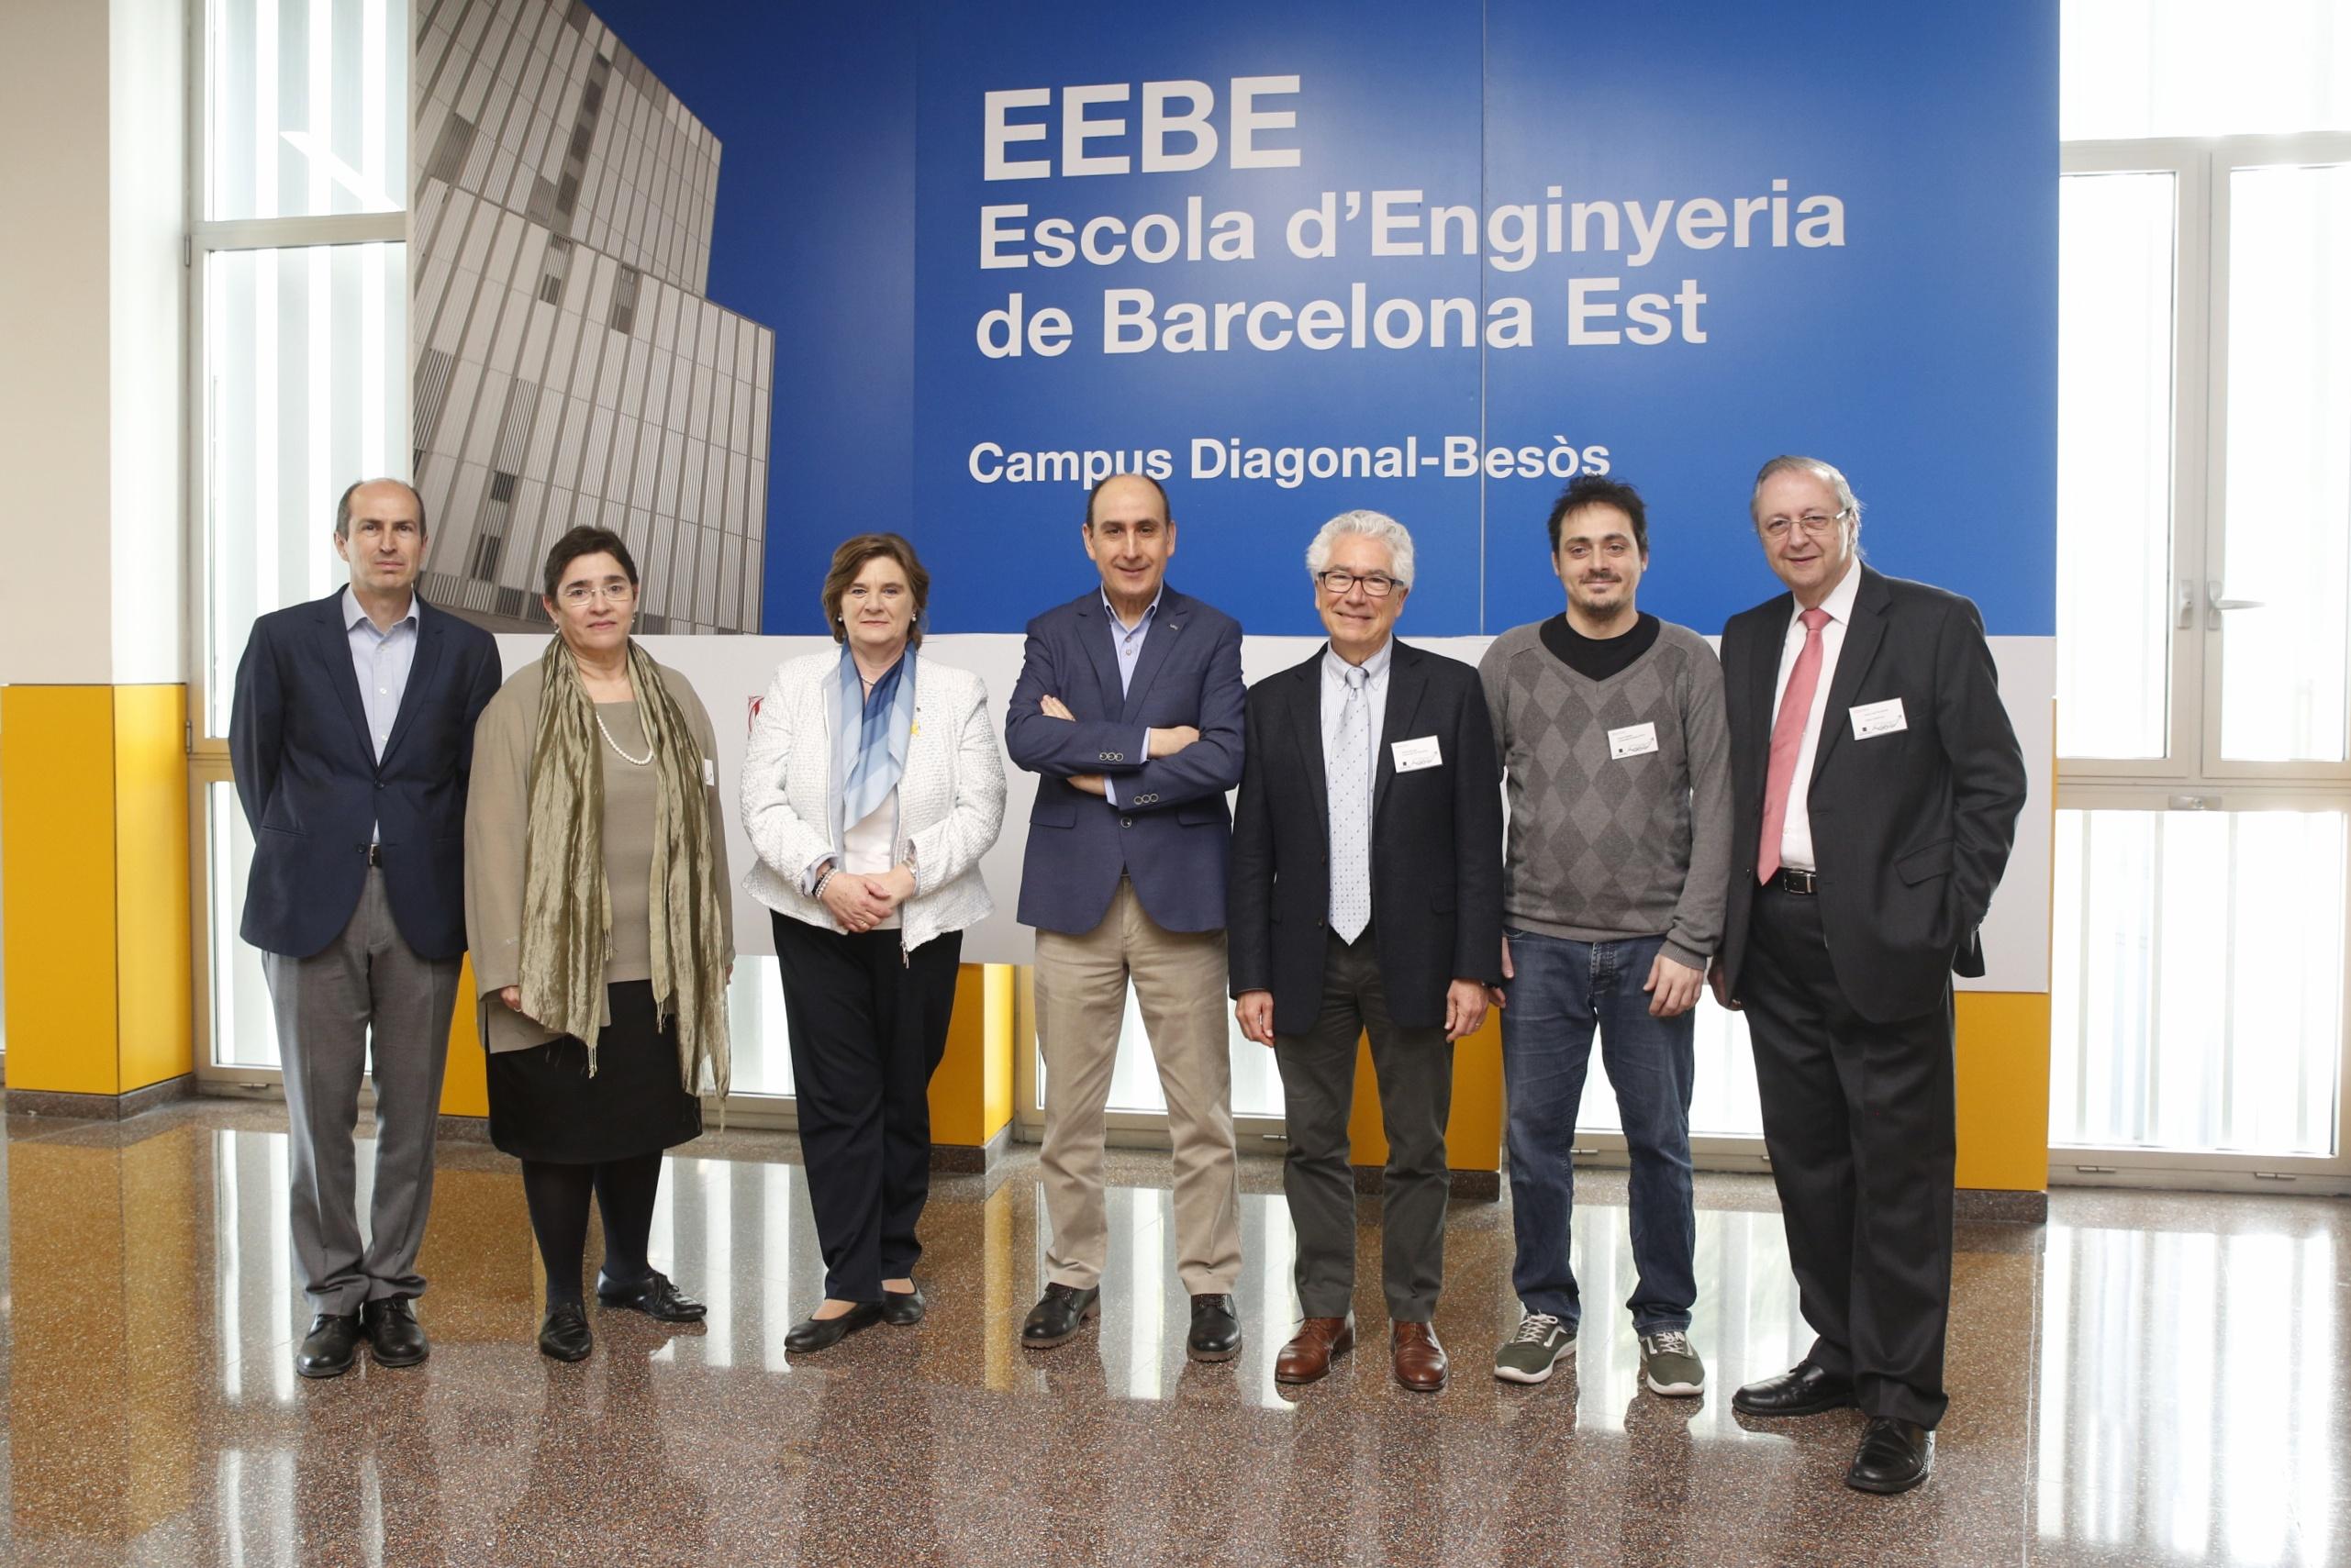 Fenin organiza el segundo Fórum de Talento en Ingeniería Biomédica